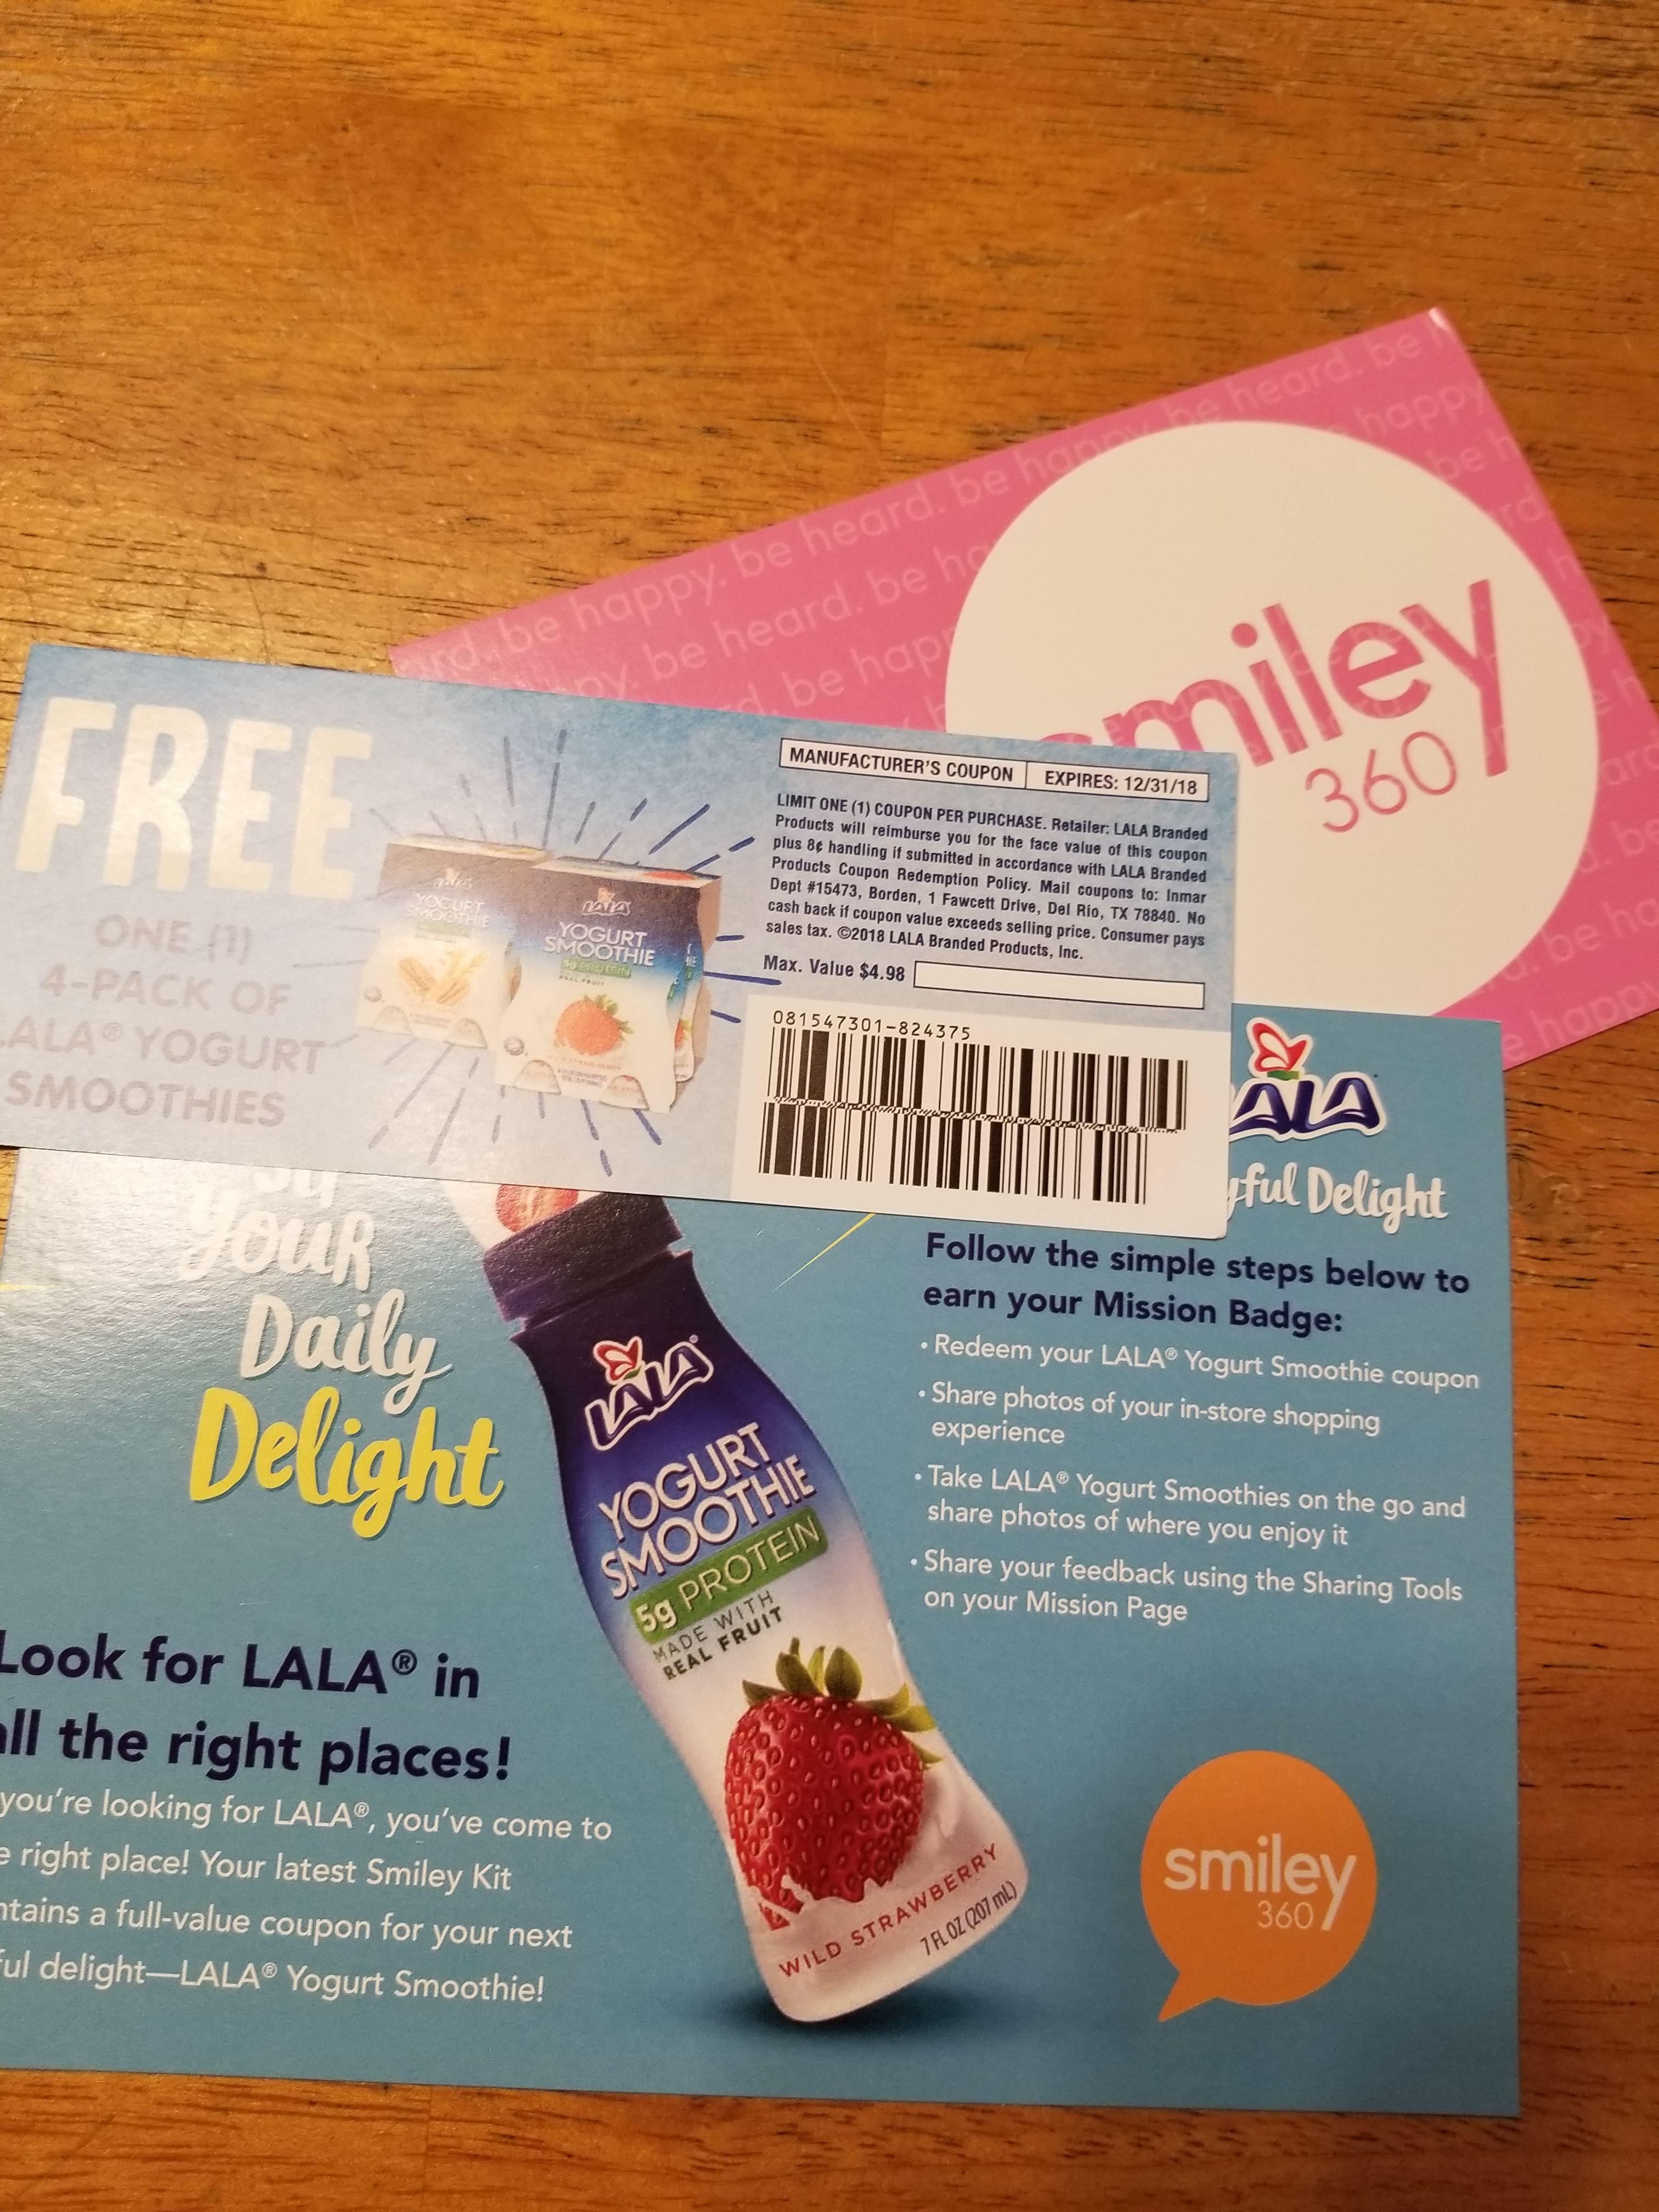 JoyfulDelight #LALADrinkableYogurt #freesample | Smiley360